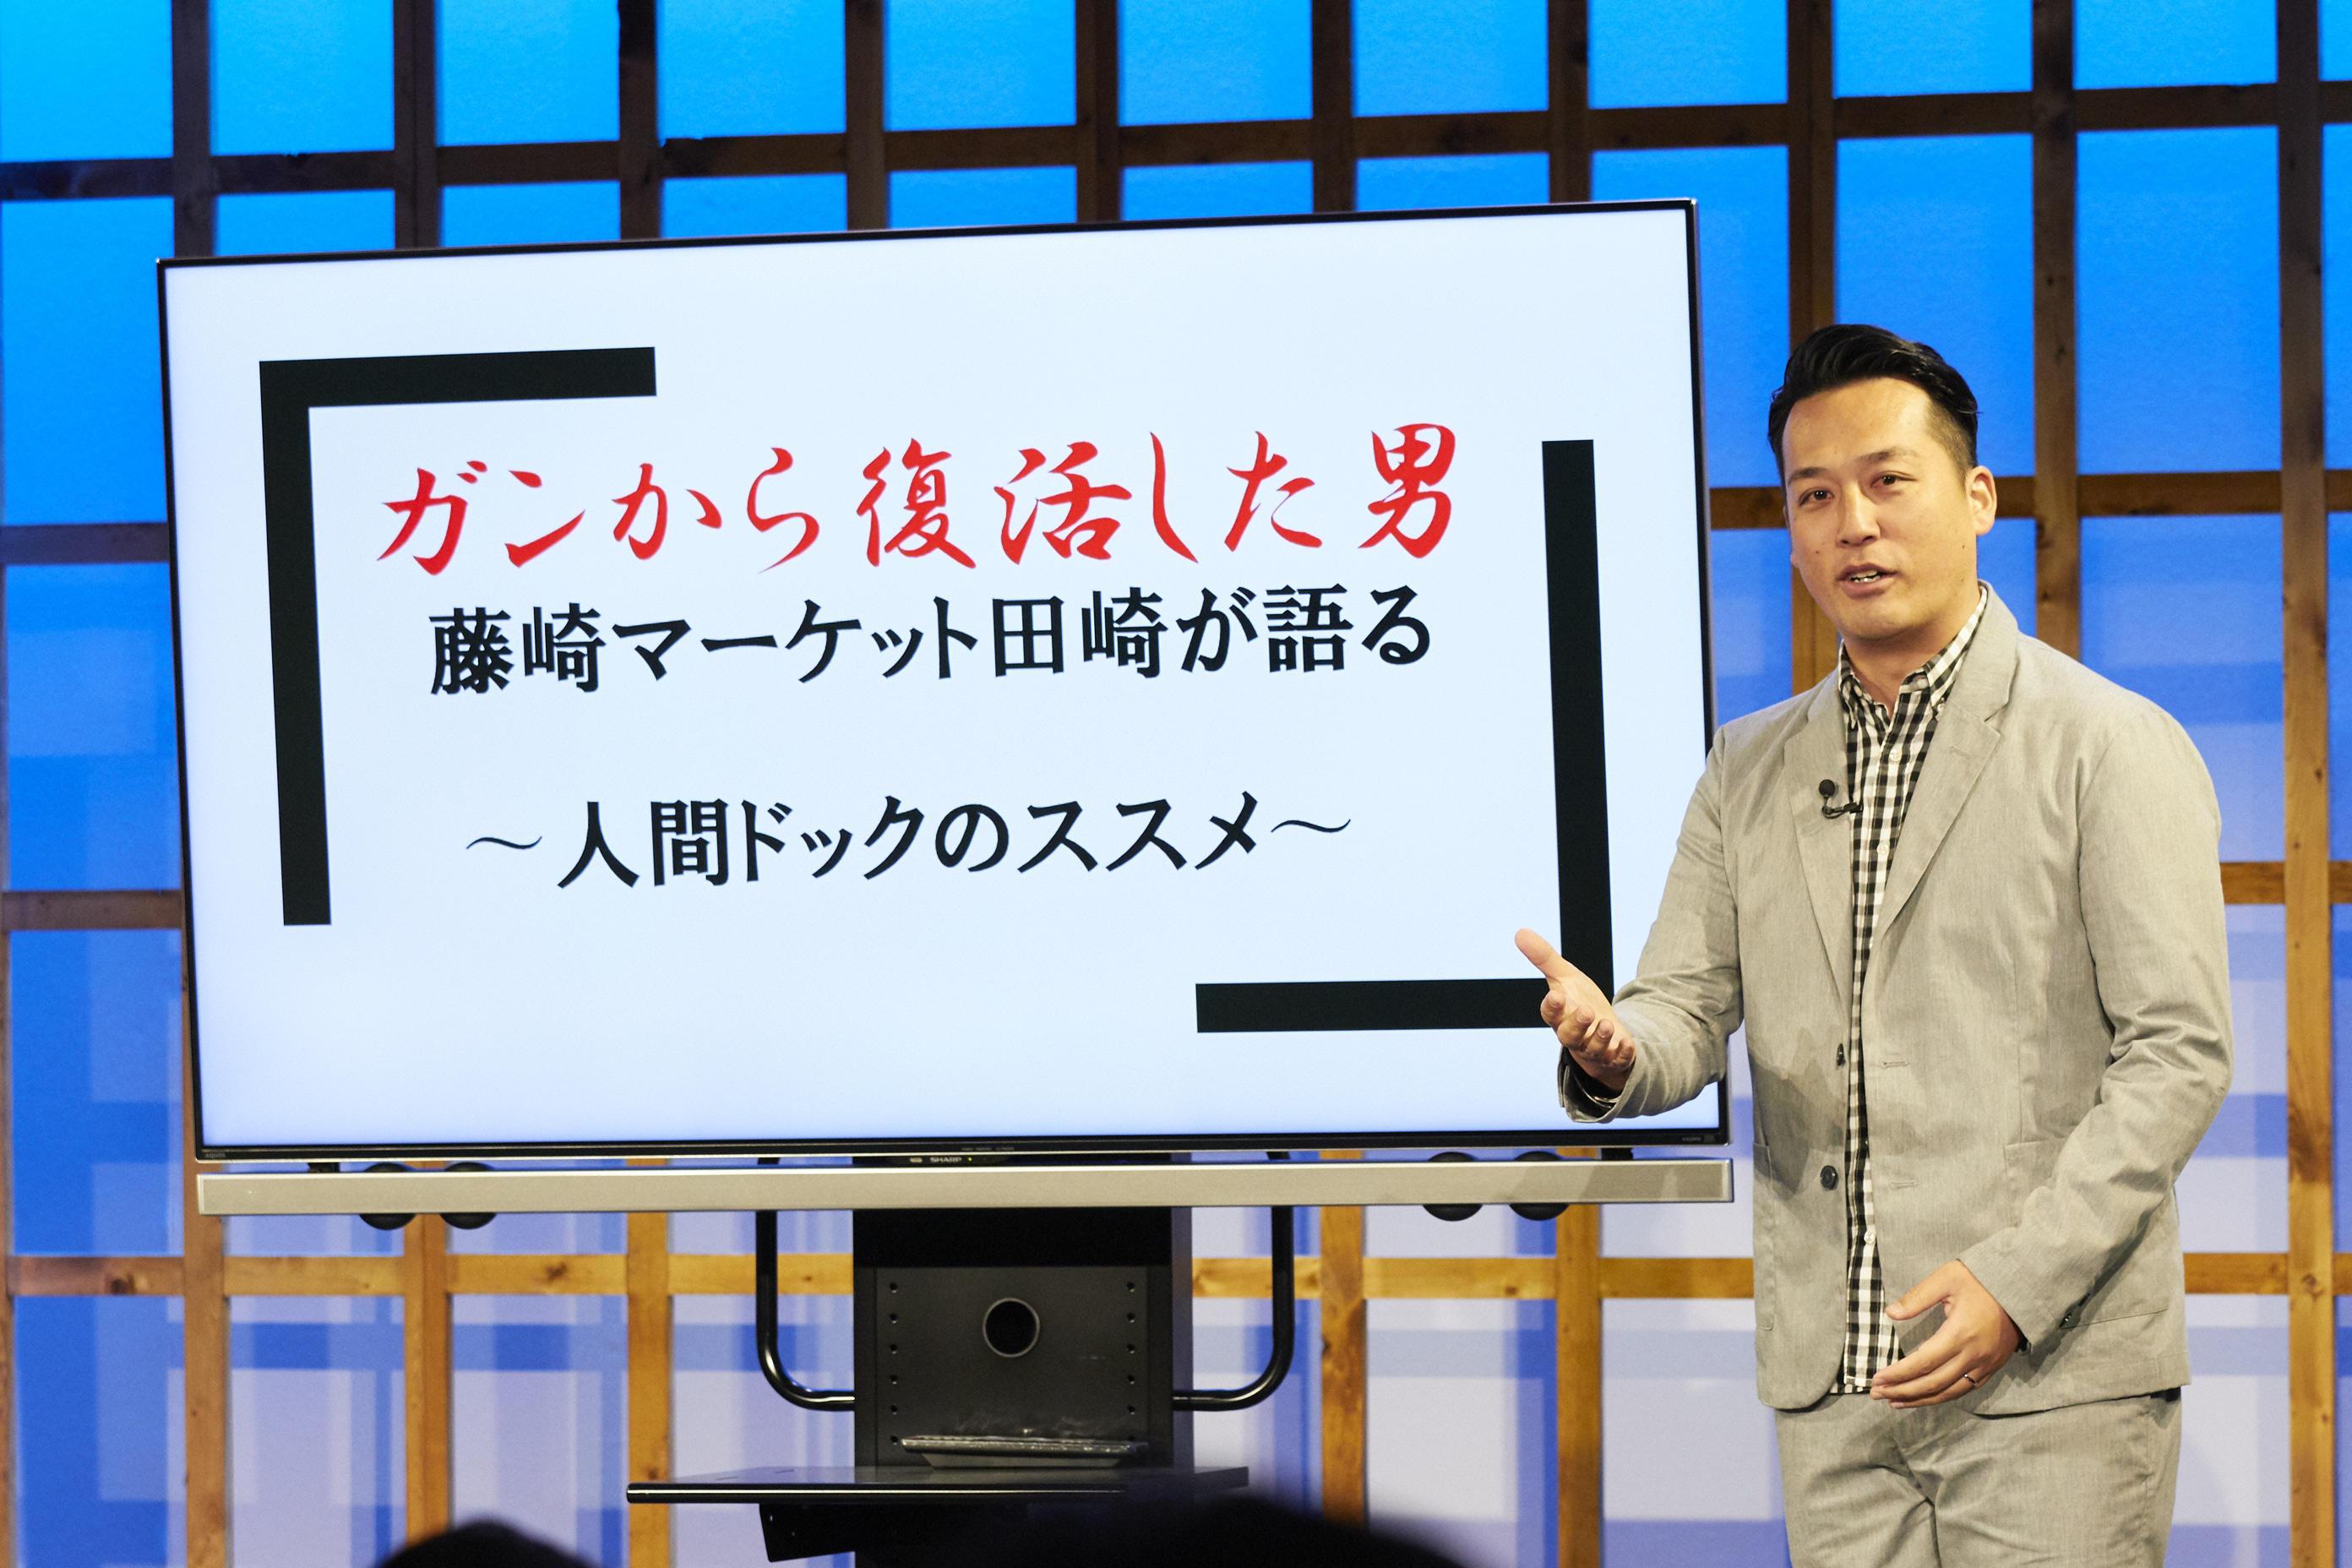 http://news.yoshimoto.co.jp/20180401095045-6229f5b85724f3eaf412326dd97e6a340da122a7.jpg